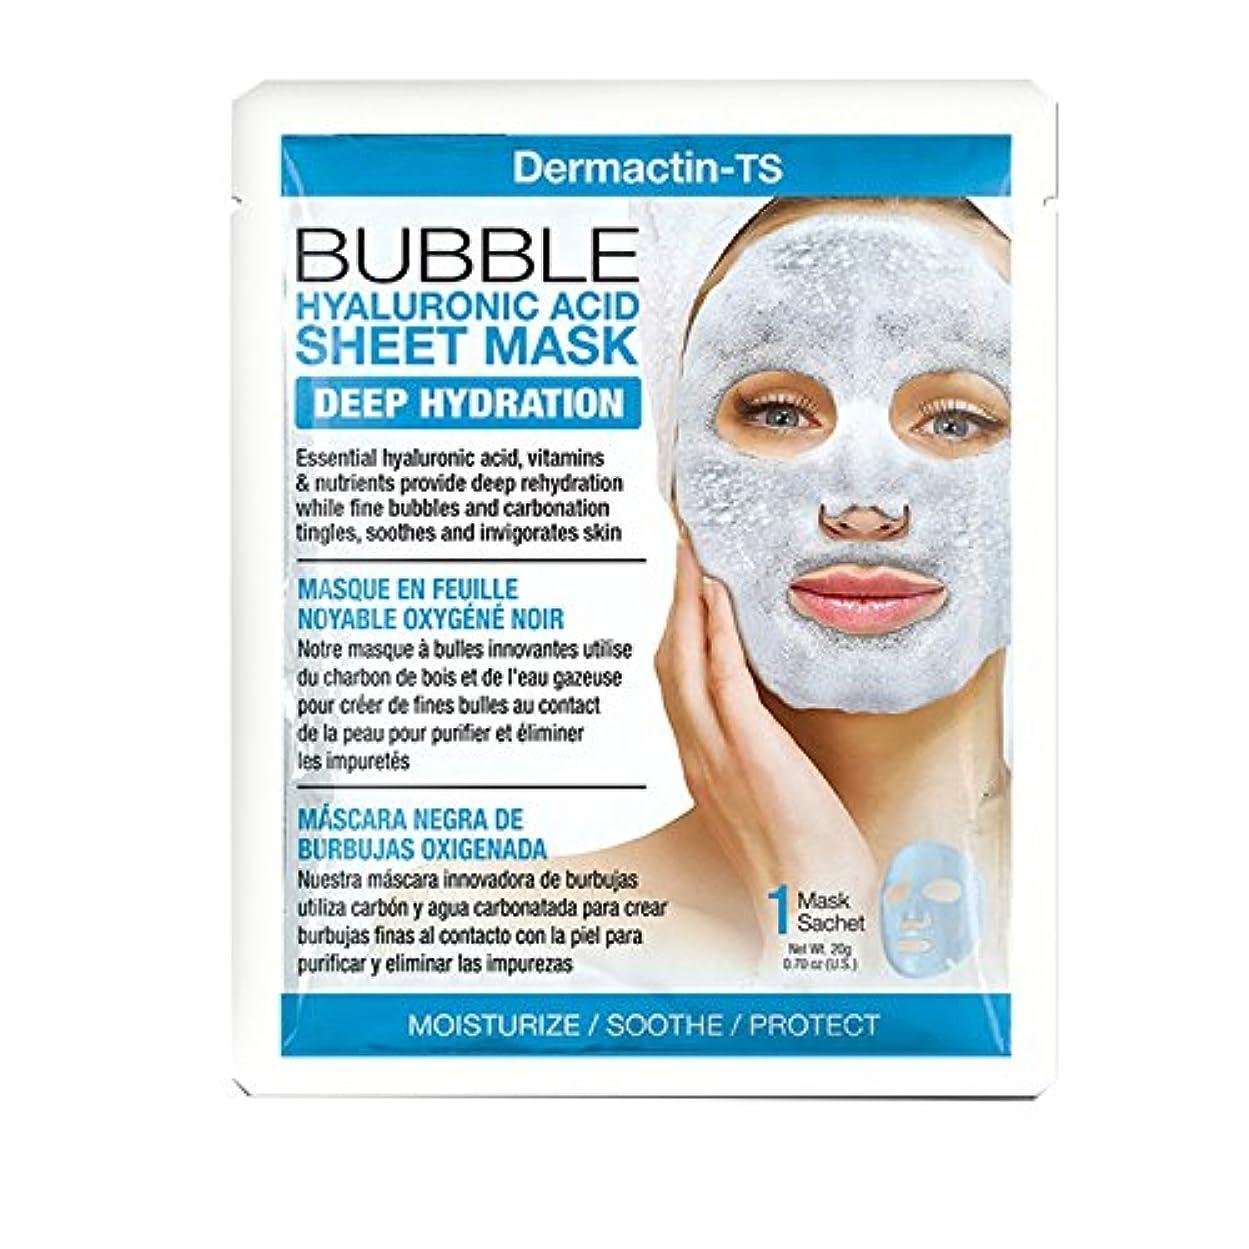 理容師ヘリコプターDermactin-TS バブルヒアルロン酸シートマスク (並行輸入品)